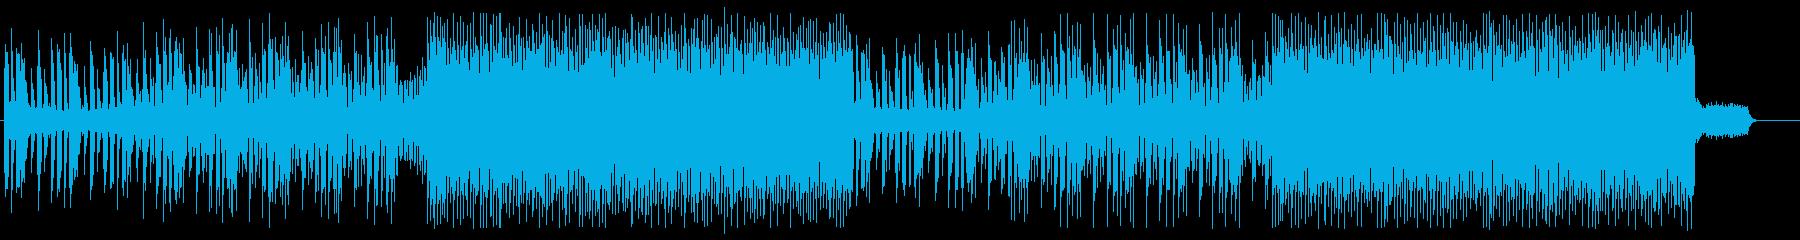 ゲーム ステージ選択/ステータス画面の再生済みの波形